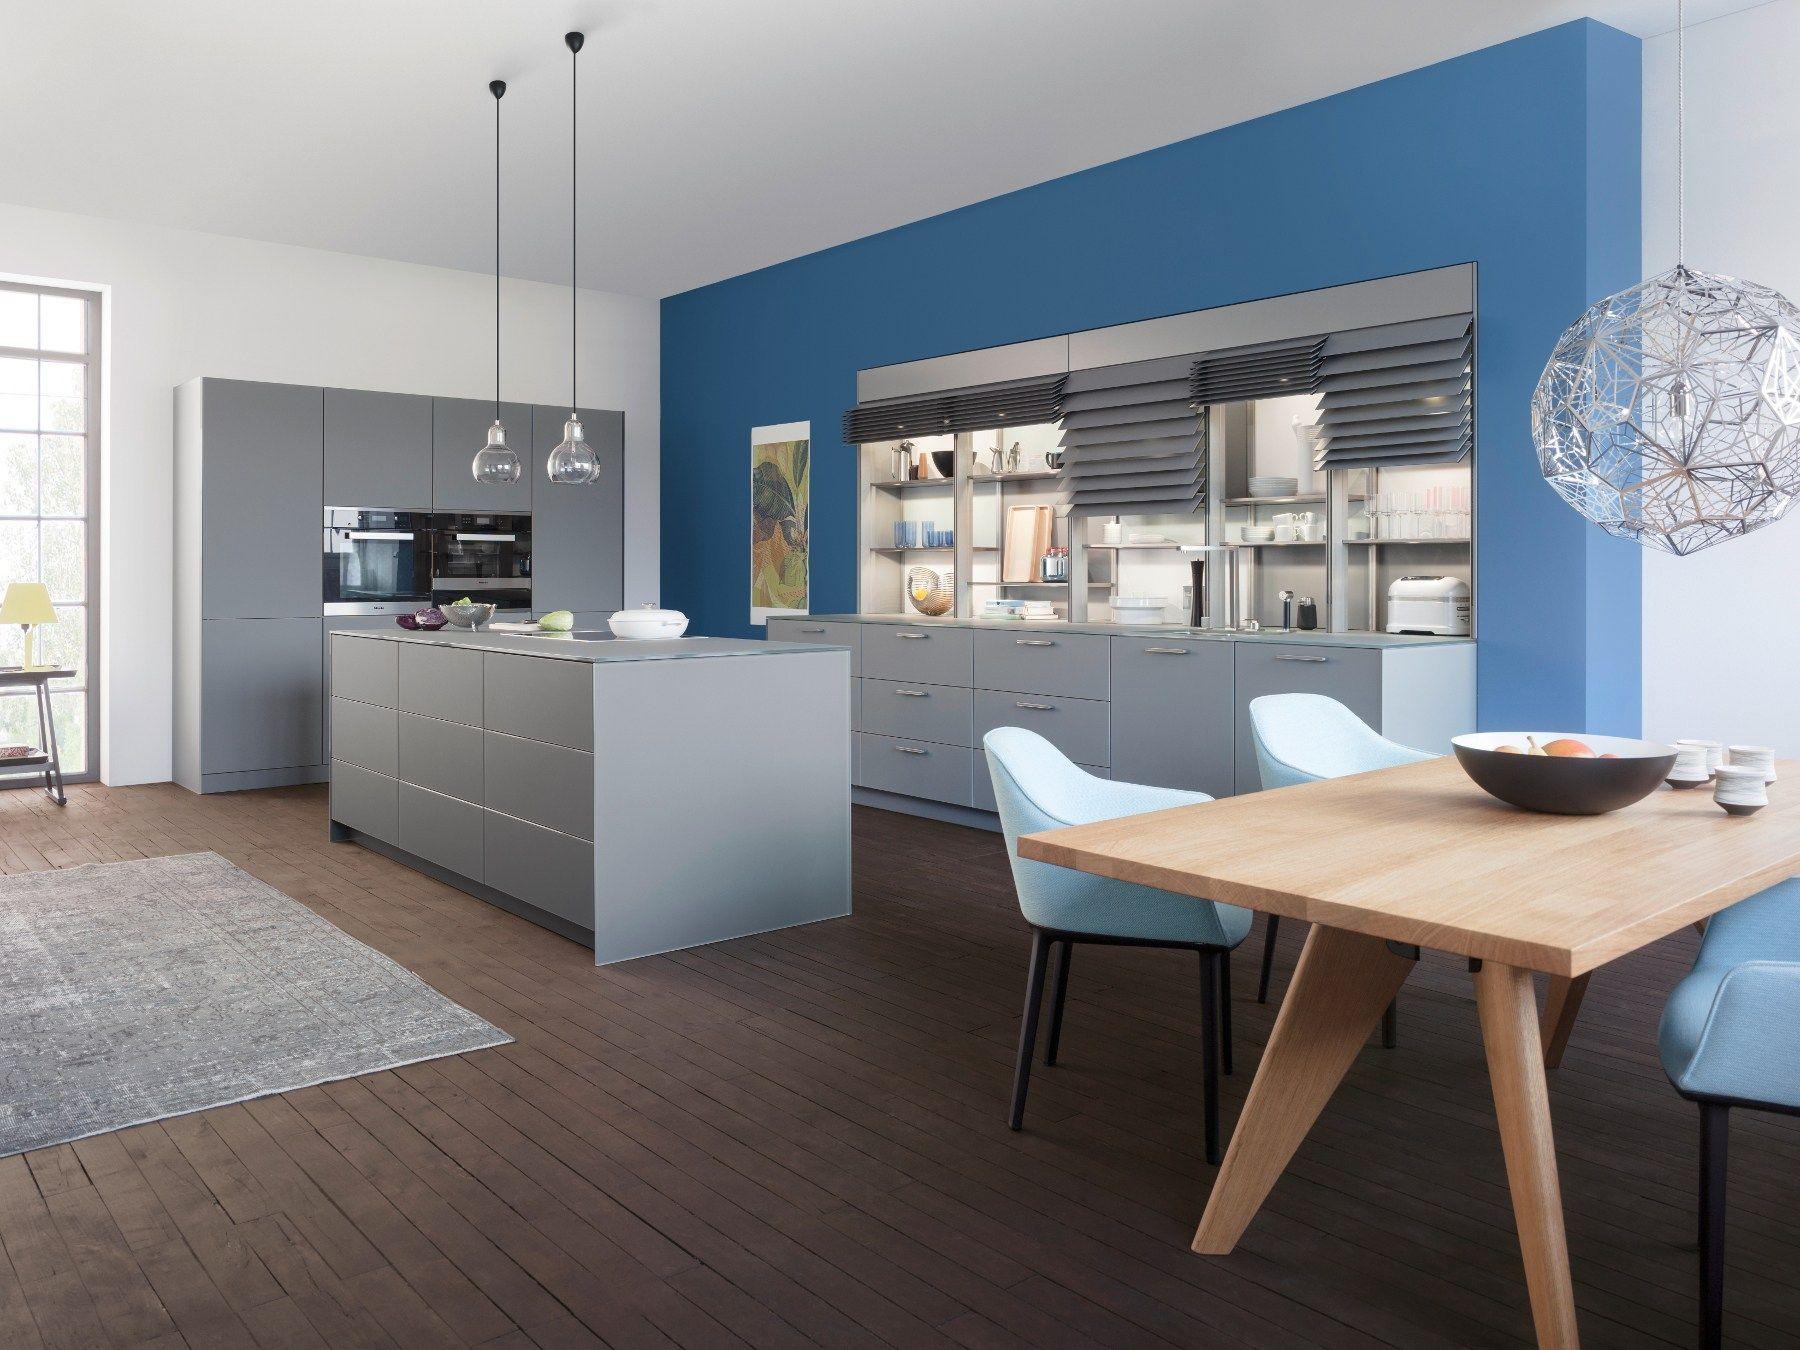 LEICHT Küchen | Modern kitchen design for contemporary living ... | {Leicht küchen logo 31}